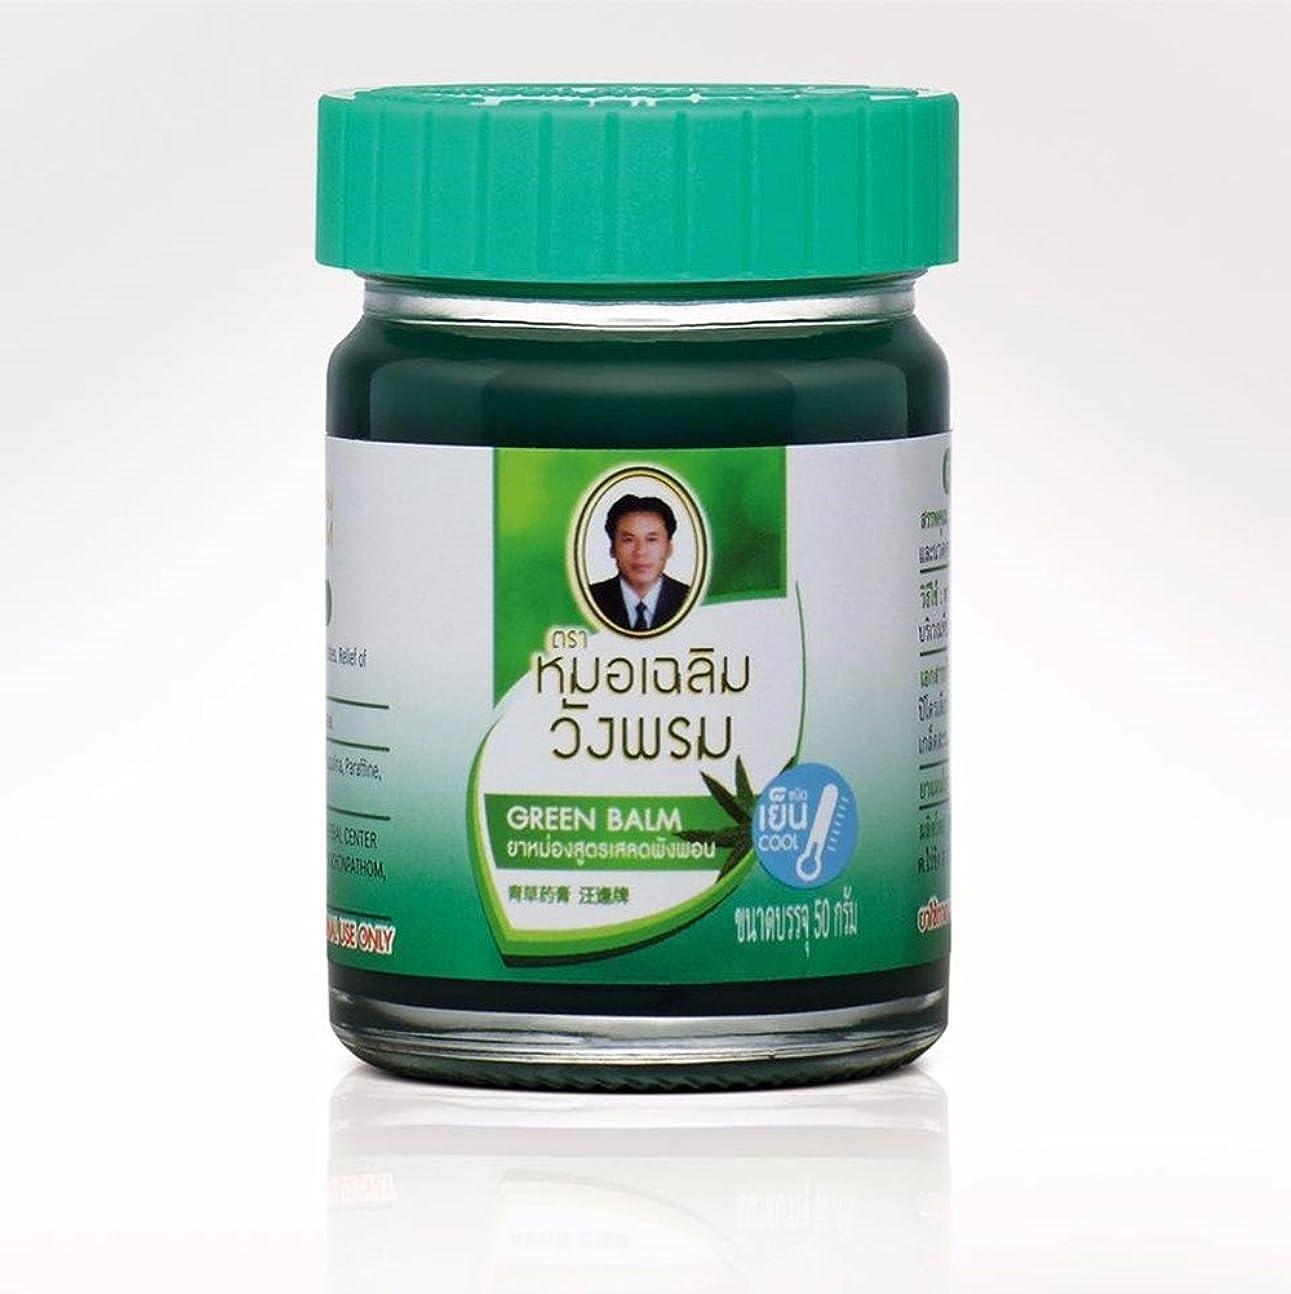 署名芸術放棄された50G.Wangphrom Thai Herbal Balm Massage Body Relief Muscle Pain,Thai Herb Green Balm (COOL) size 50 gram..(2 pc.)